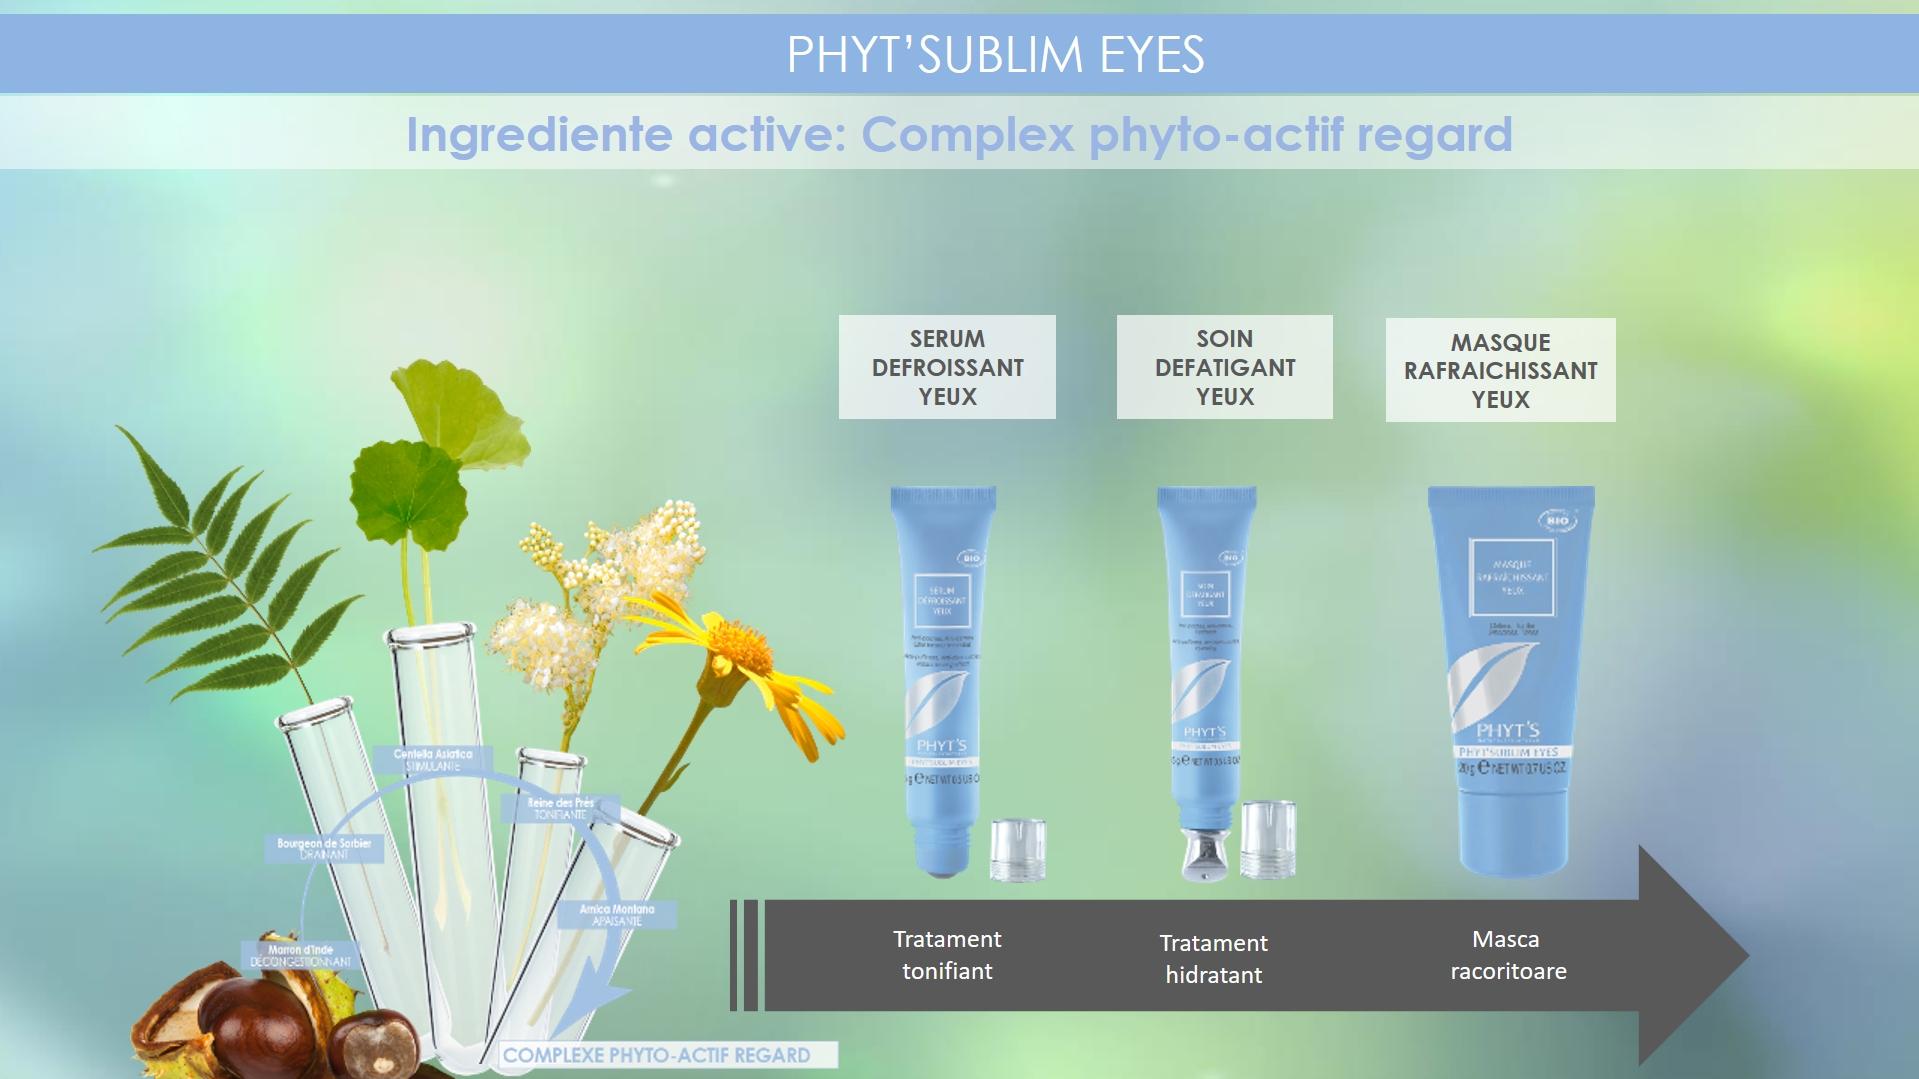 Phyt's Sublime Eyes – cosmetice bio pentru tineretea ochilor tai